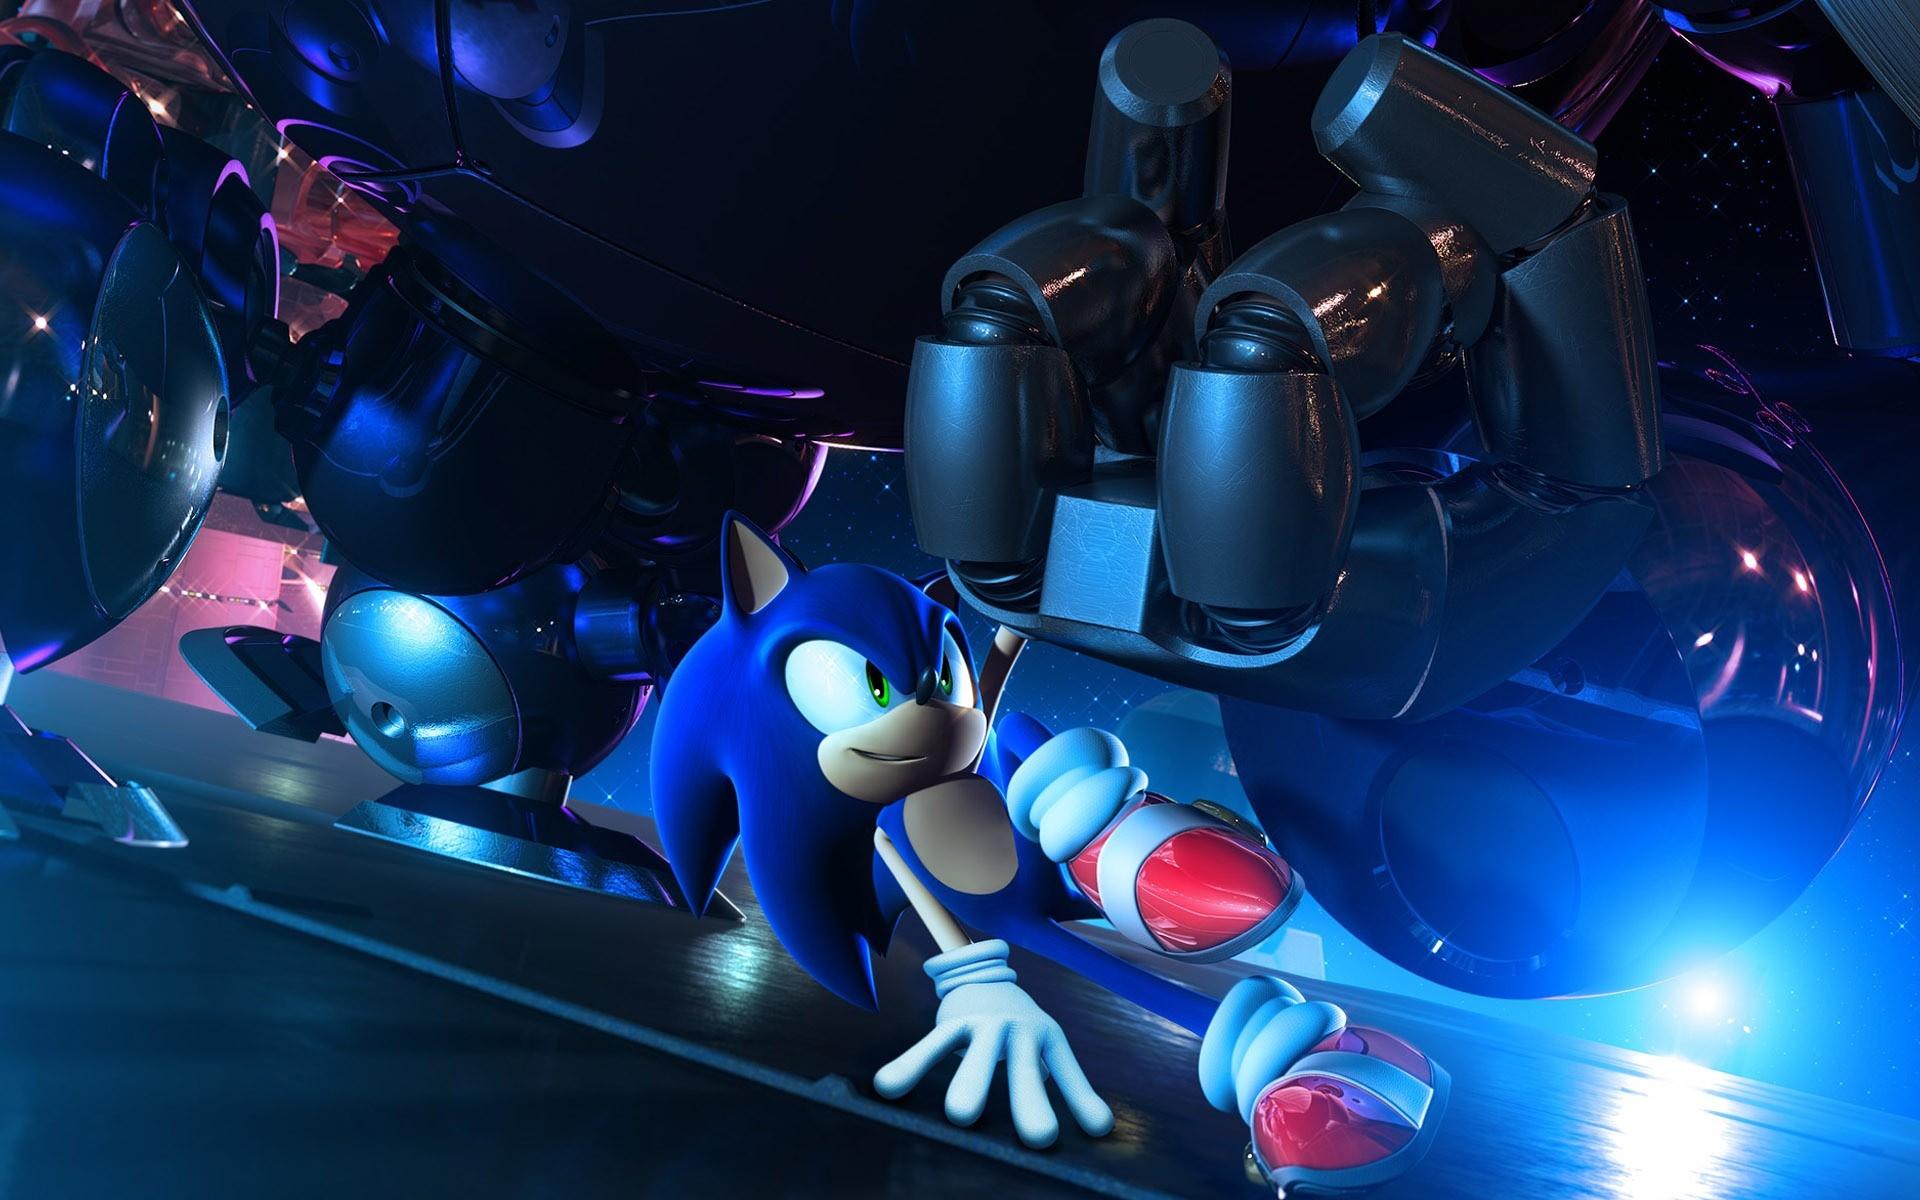 Sonic the Hedgehog desktop wallpaper